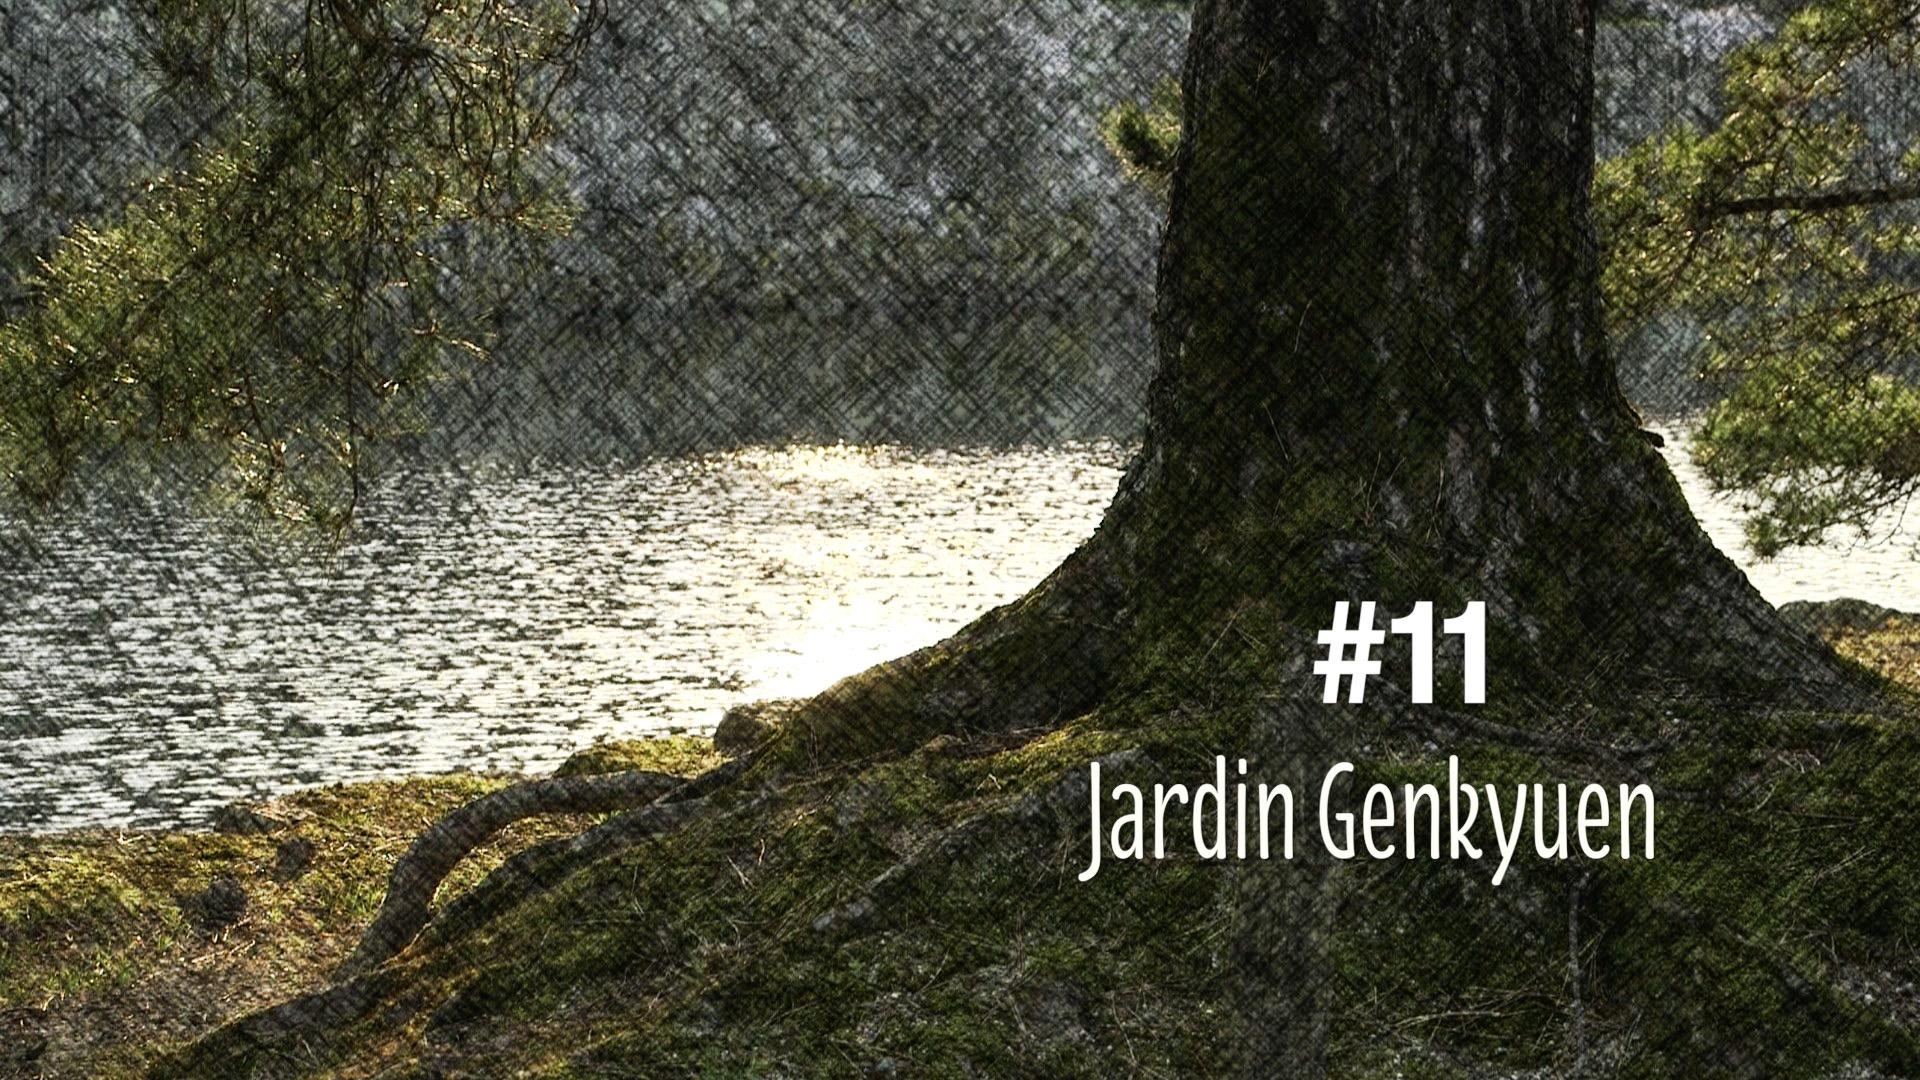 Le jardin Genkyuen à Hikone au Japon (#11)